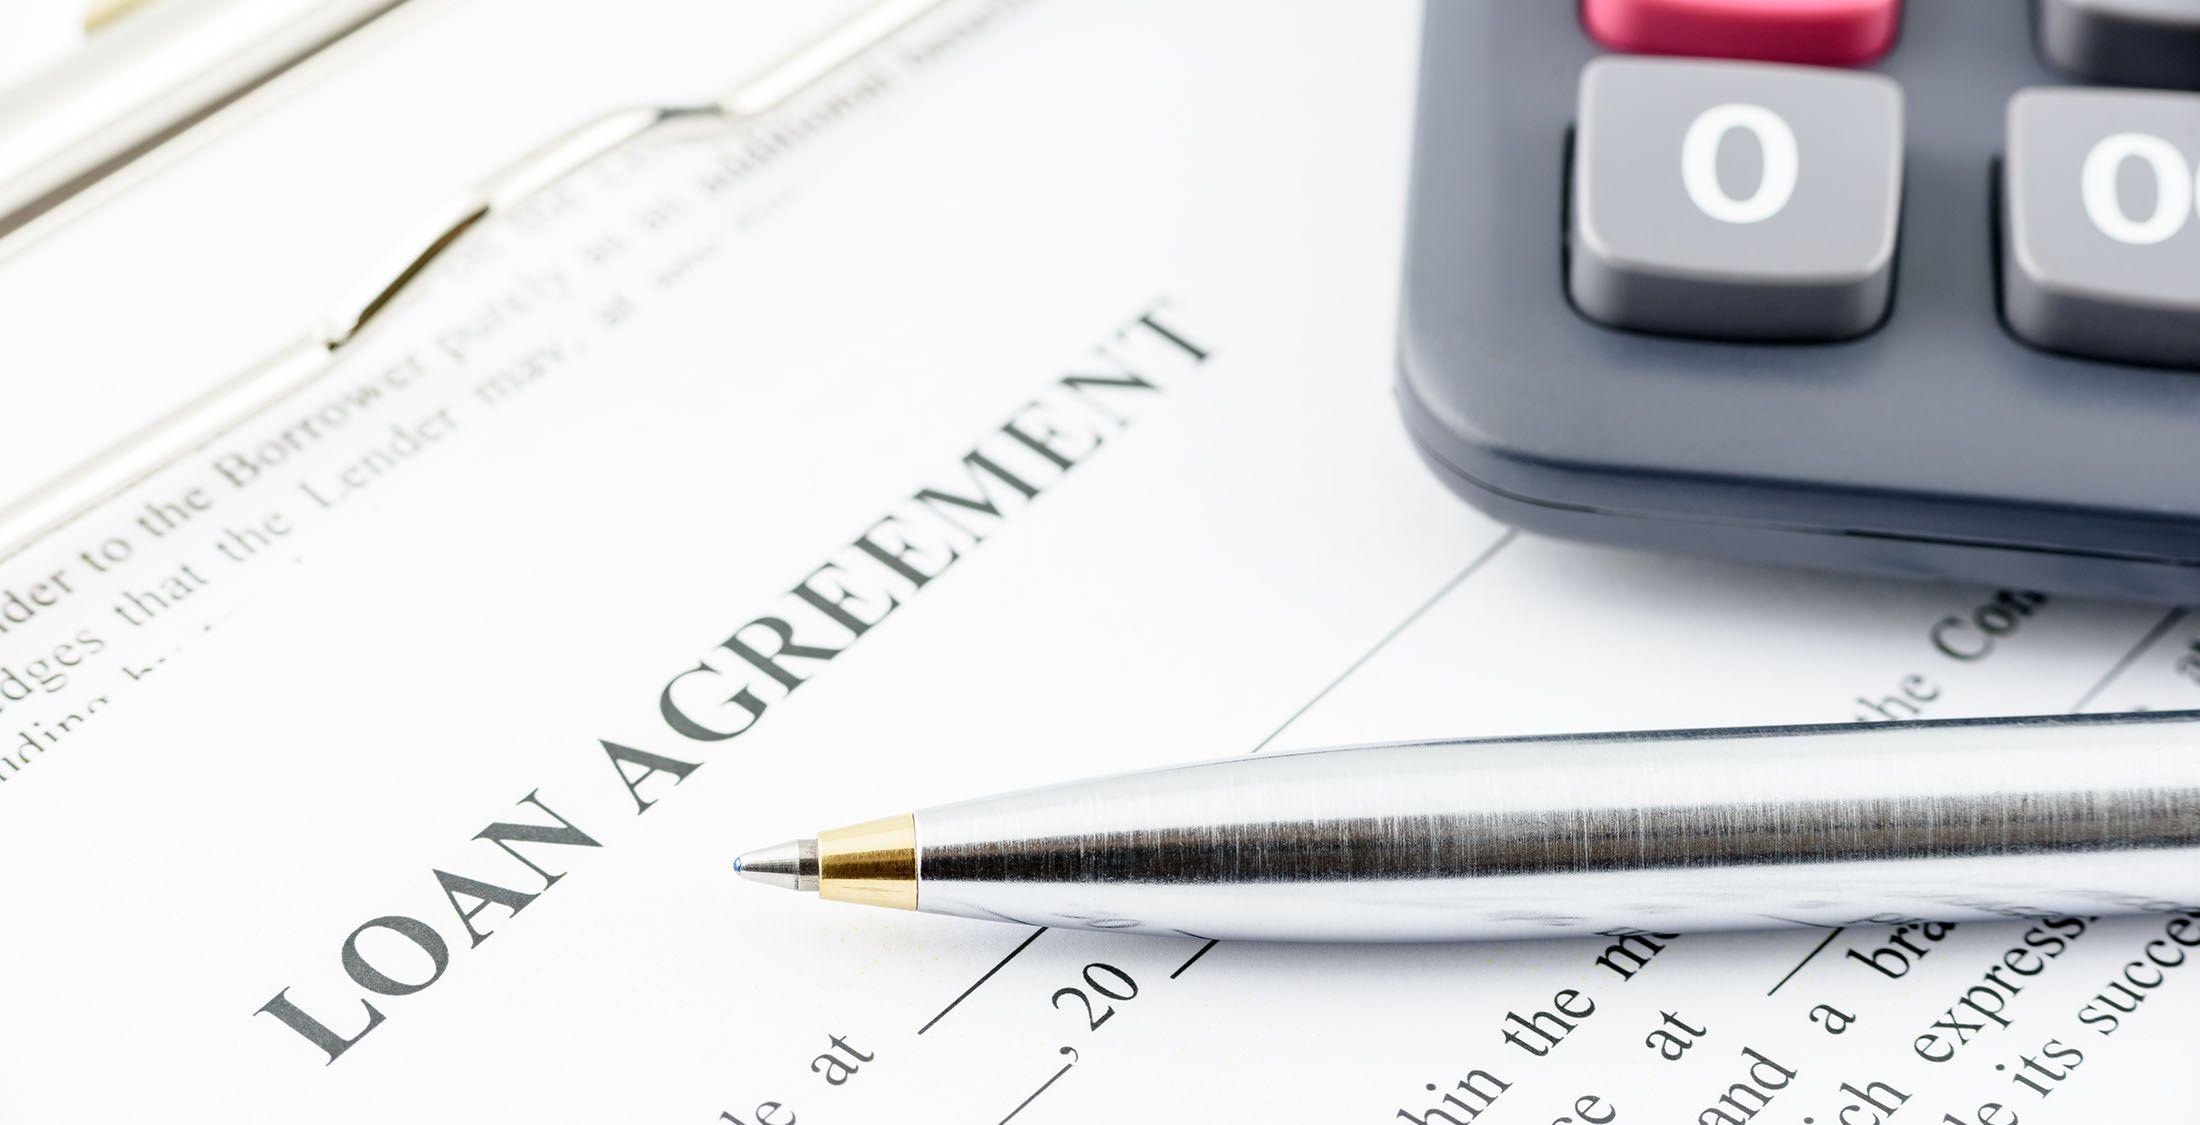 pen on loan agreement form